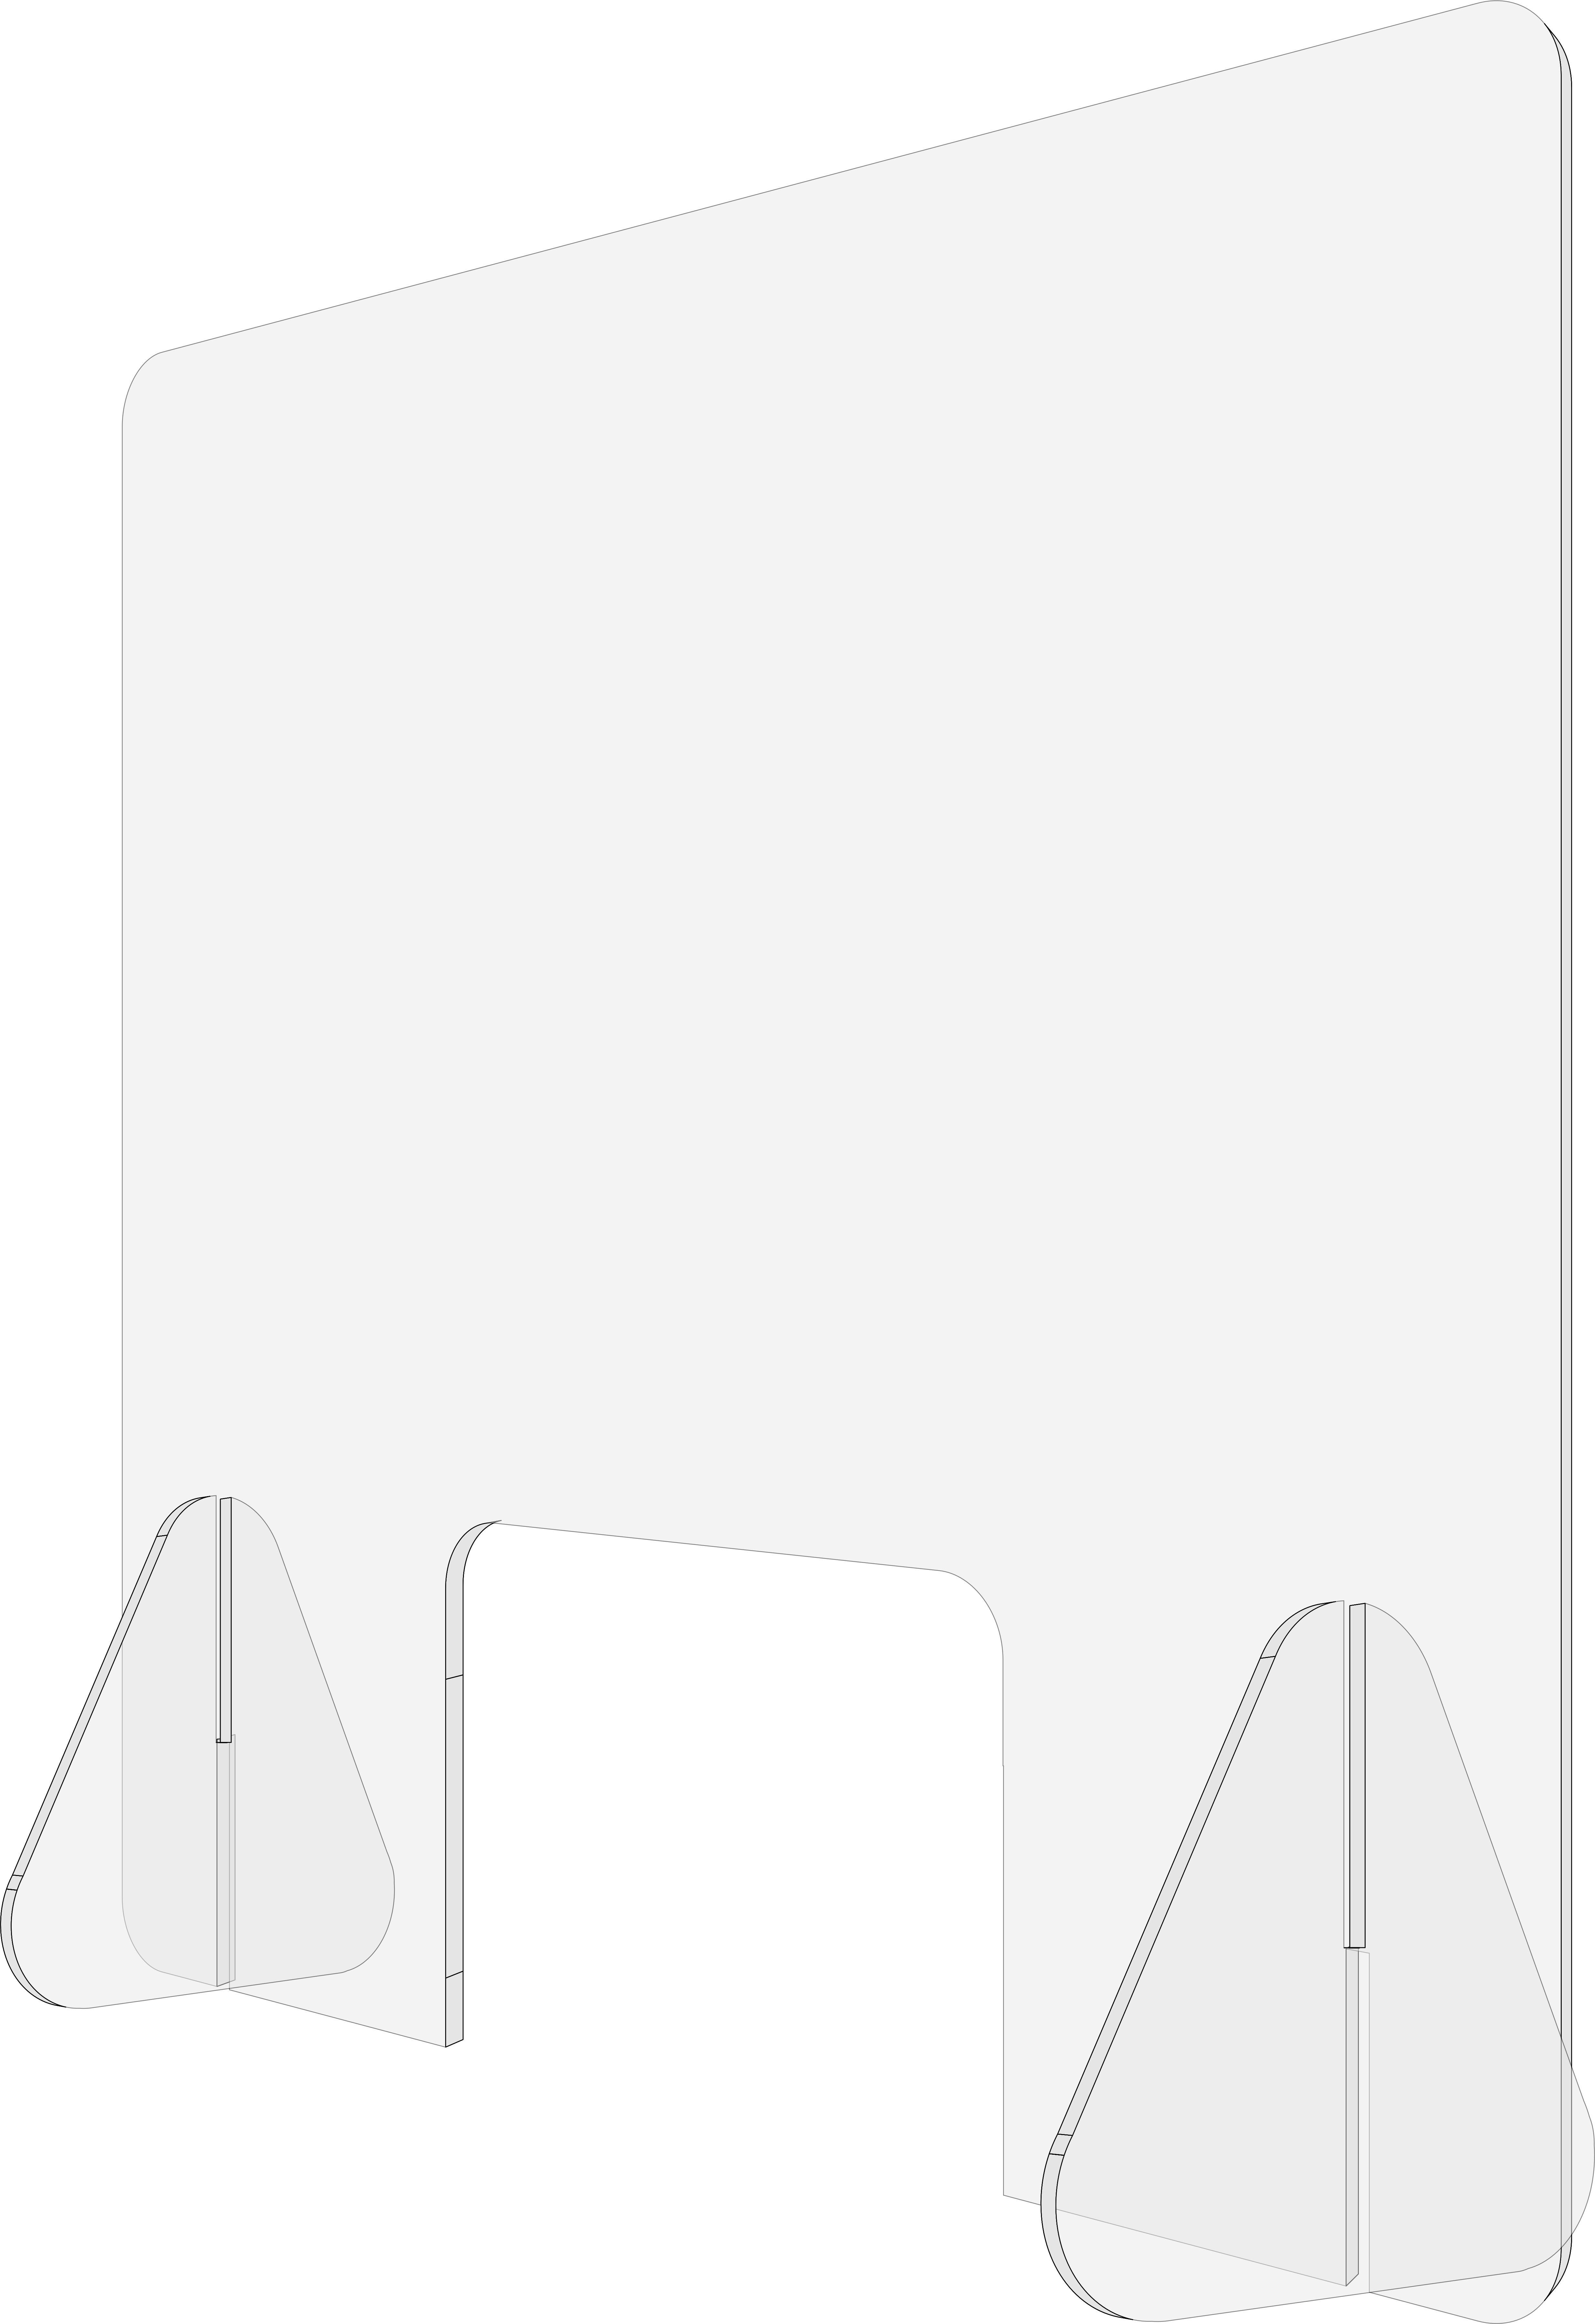 Liquiprotect - Schutzwand 500x500